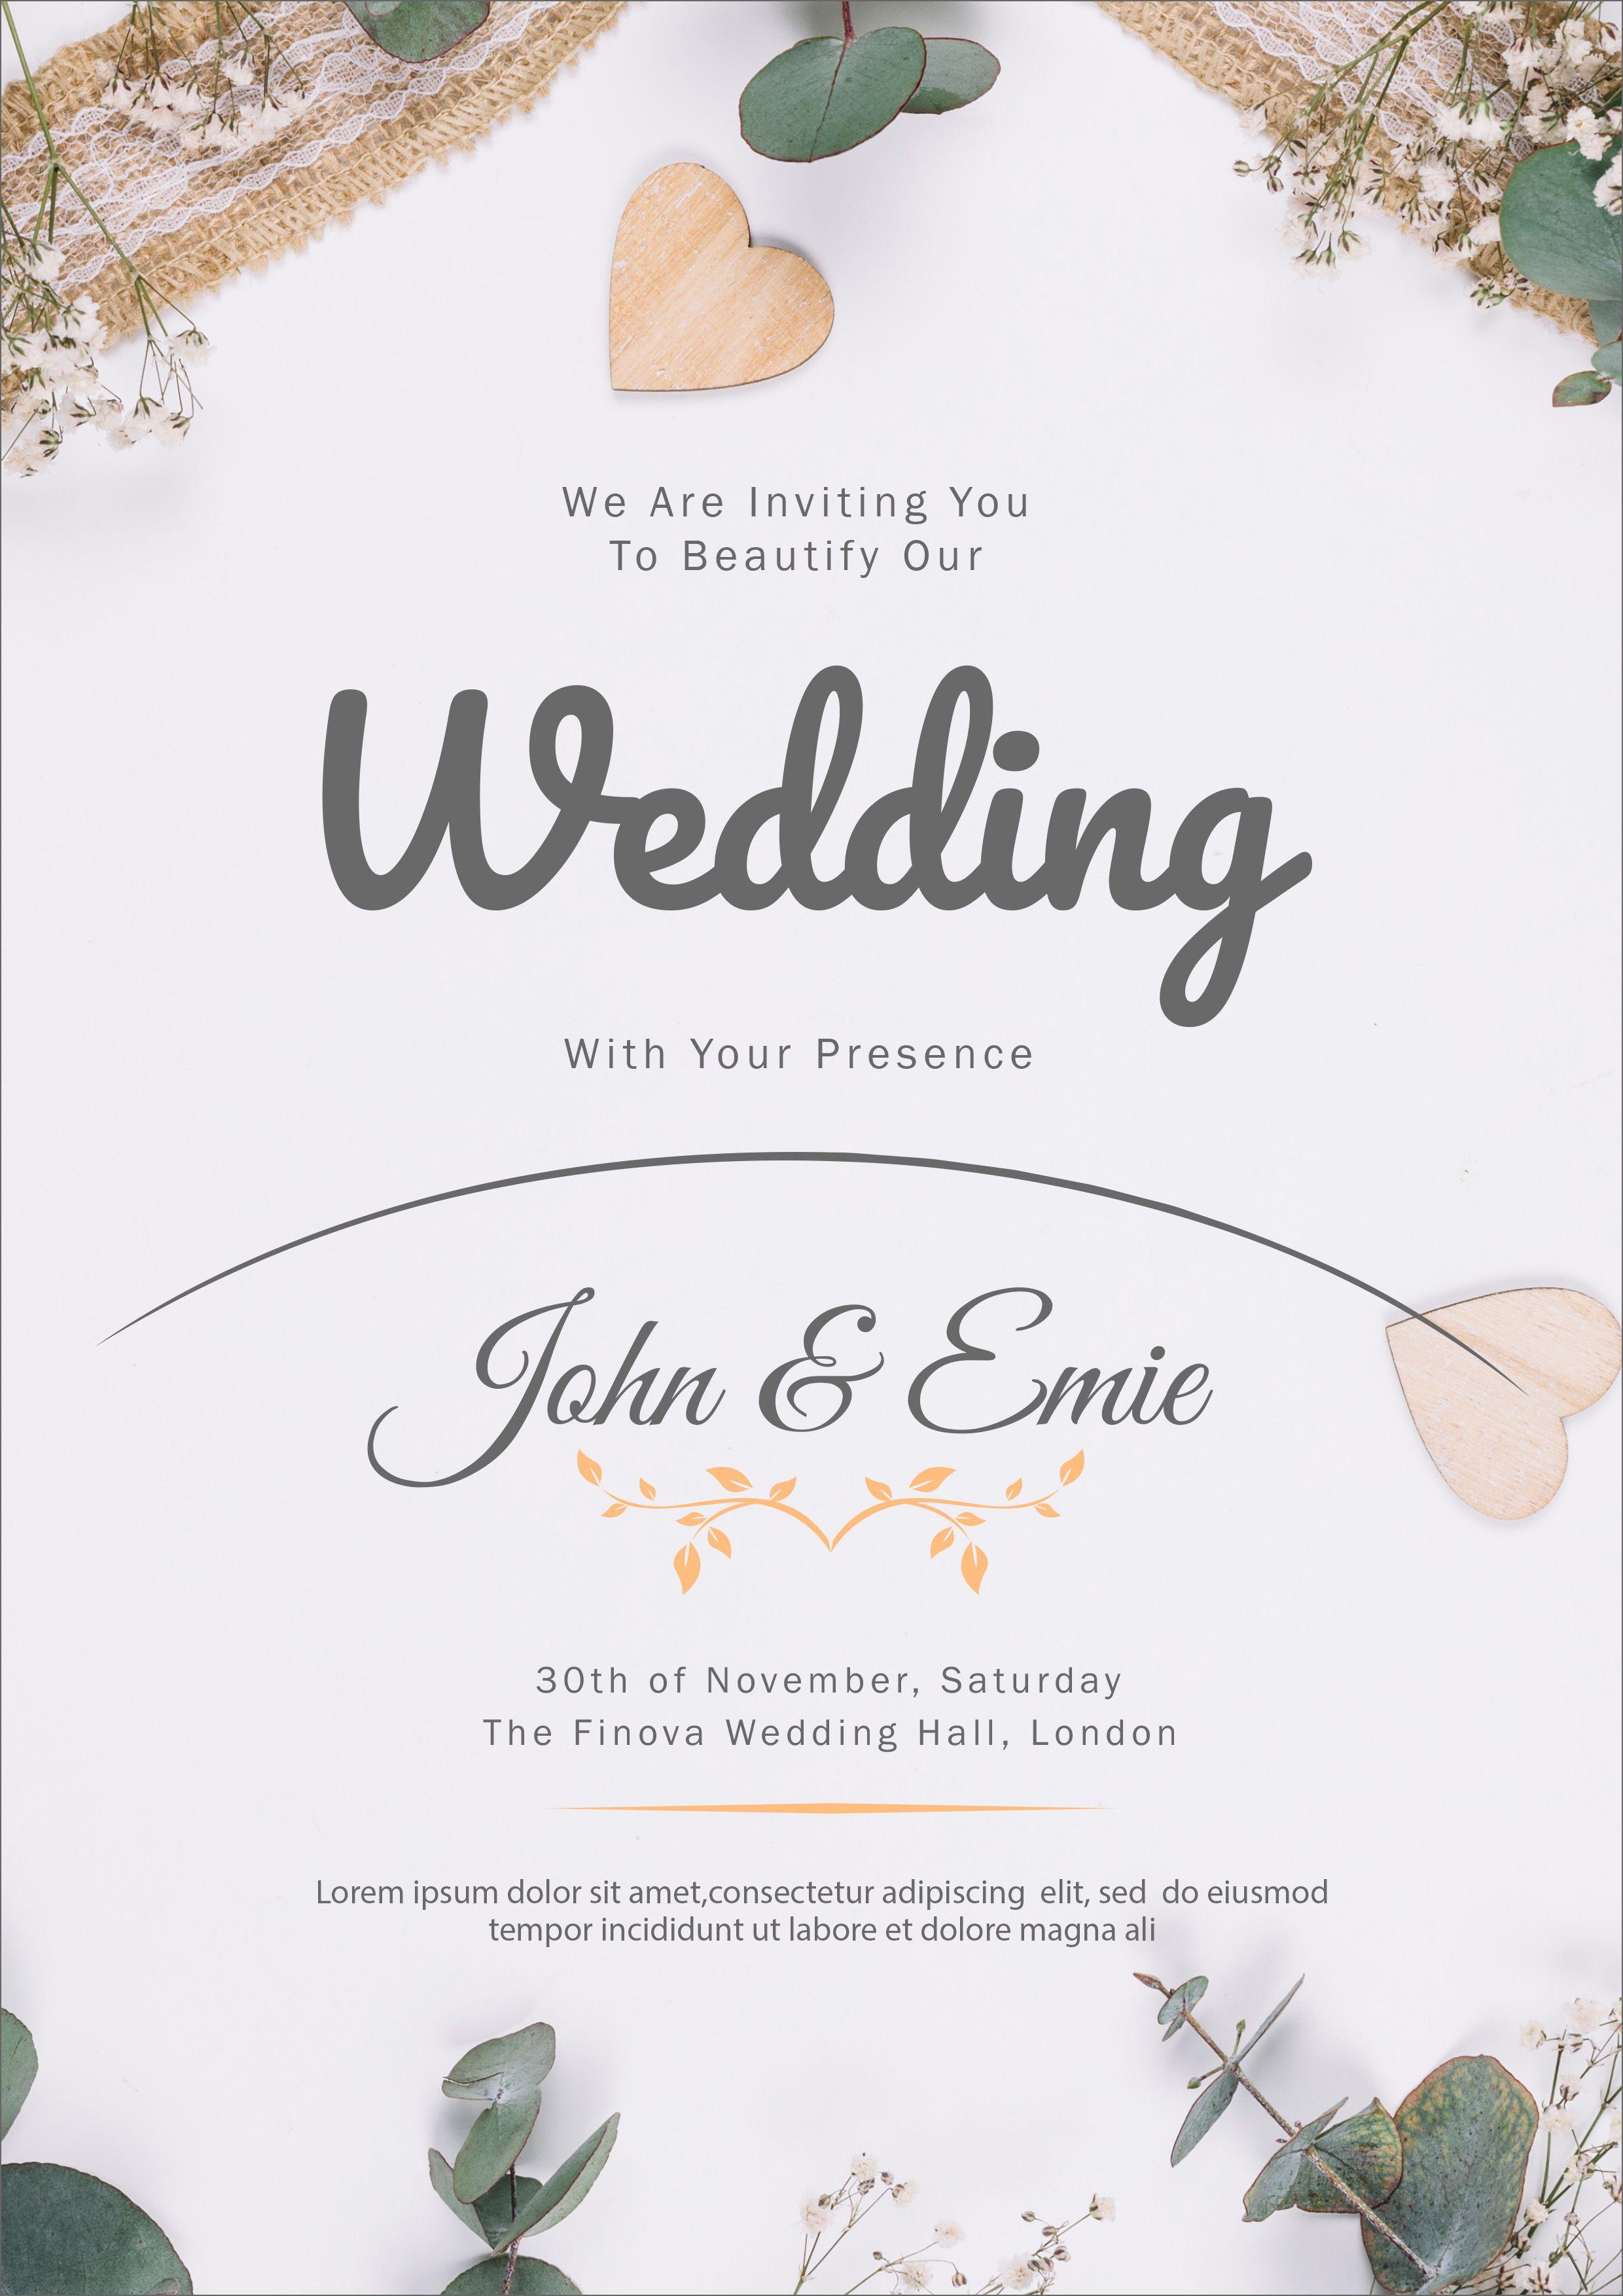 008 Unusual Sample Wedding Invitation Maker Inspiration Full